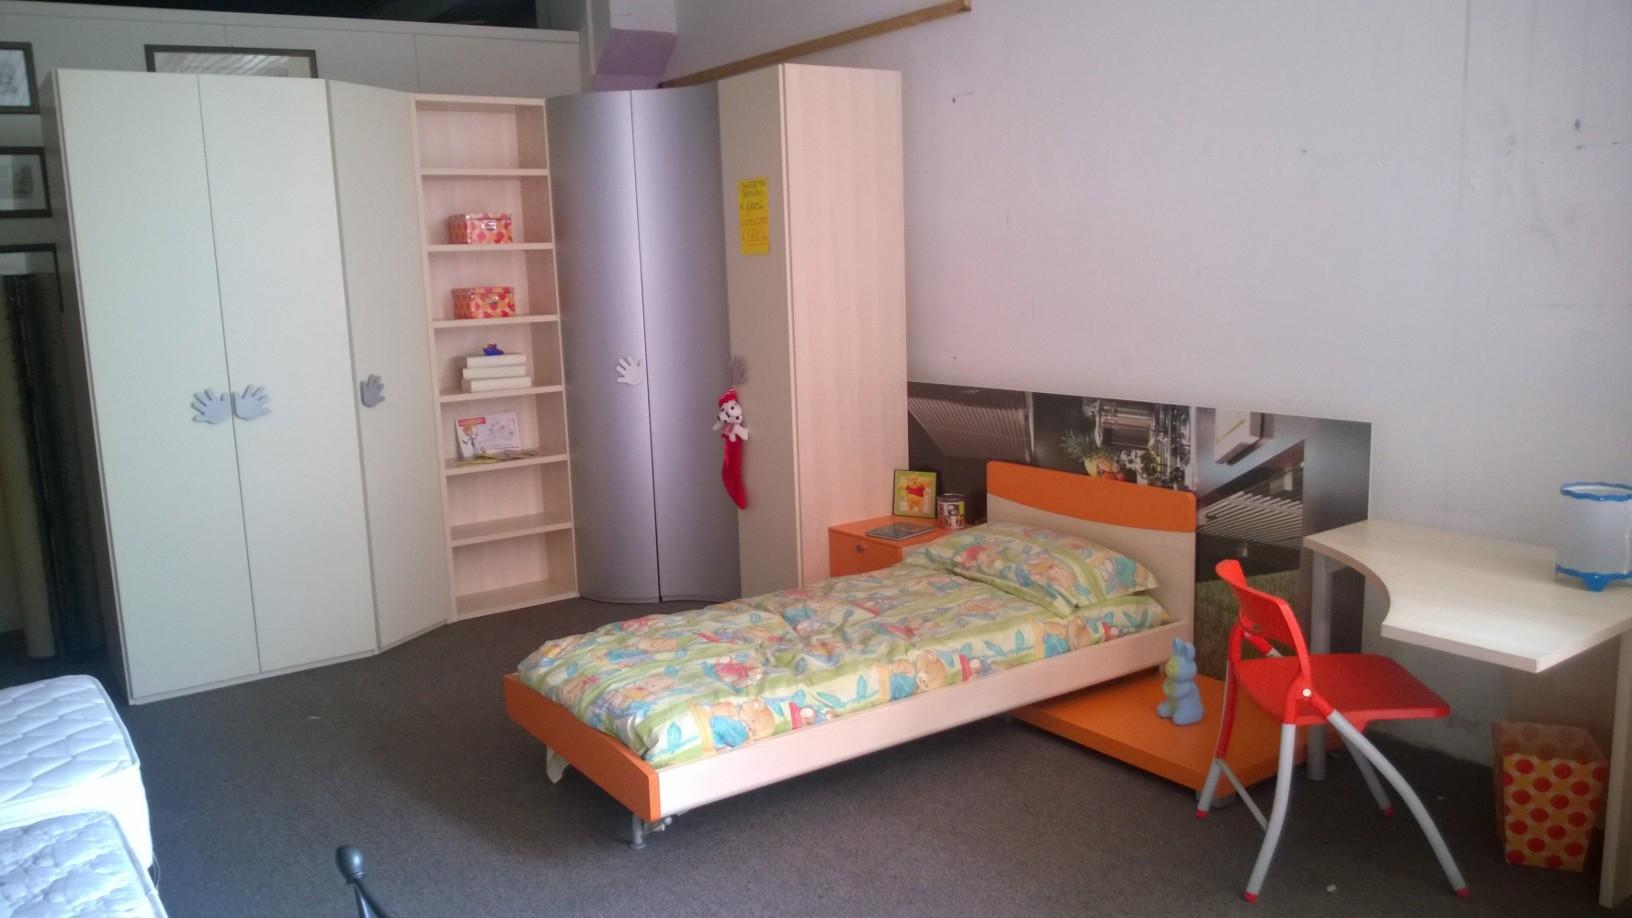 Ricci casa camerette ricci casa catalogo 2014 foto 4 40 - Cameretta ragazzo design ...